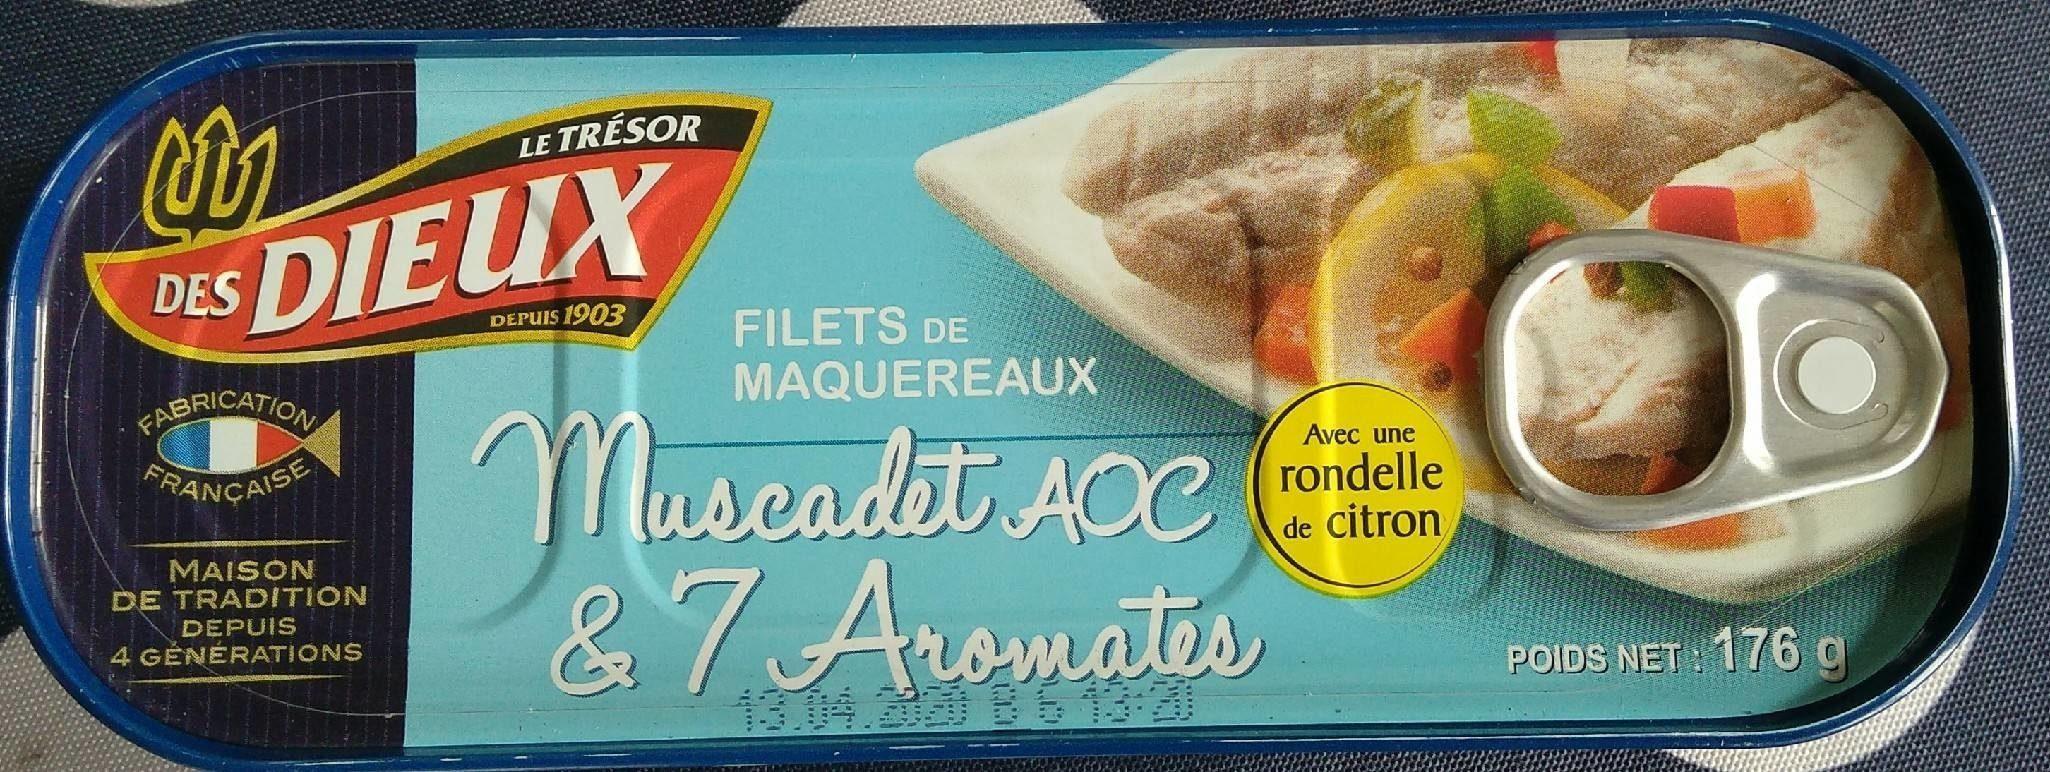 Filets de Maquereaux Muscadet AOC - Product - fr